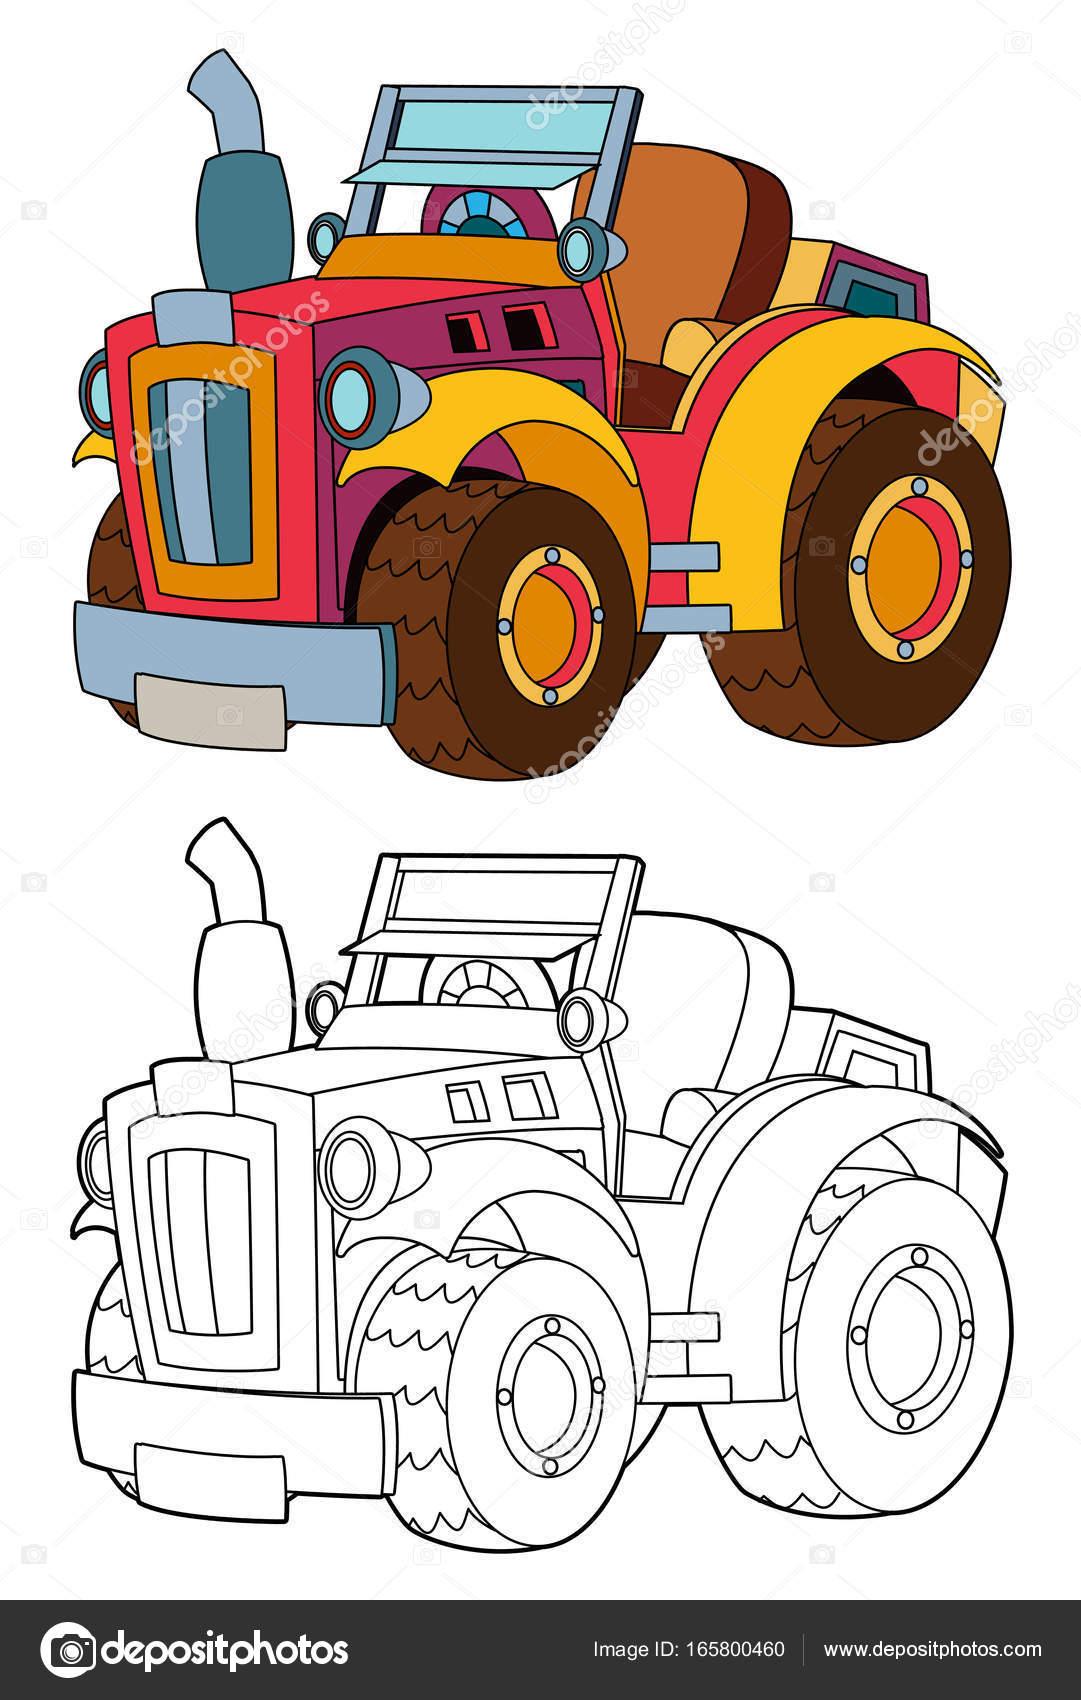 Tracteur de ferme de dessin anim avec coloriage photographie illustrator hft 165800460 - Dessin anime avec tracteur ...